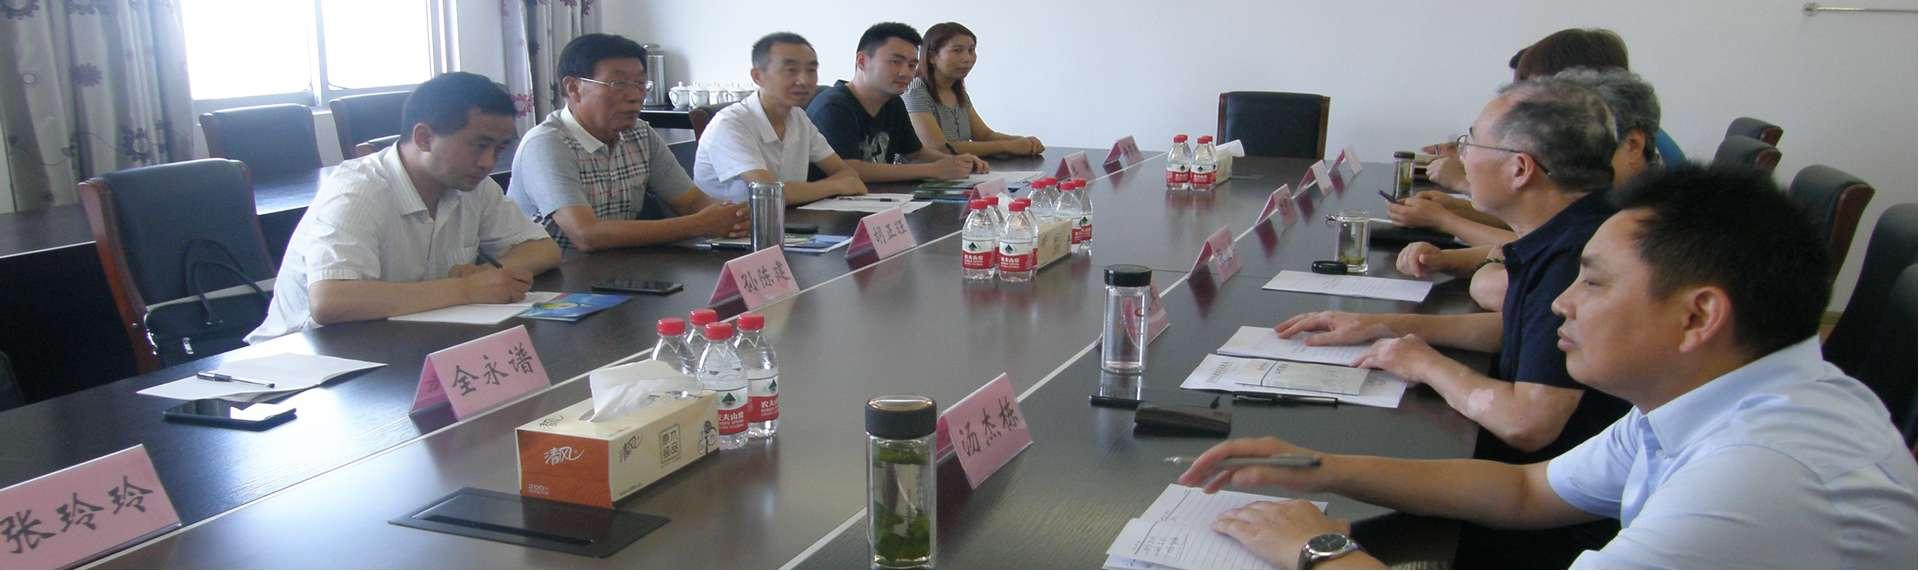 南郑区民政局、慈善协会赴如东县开展苏陕扶贫协作交流活动